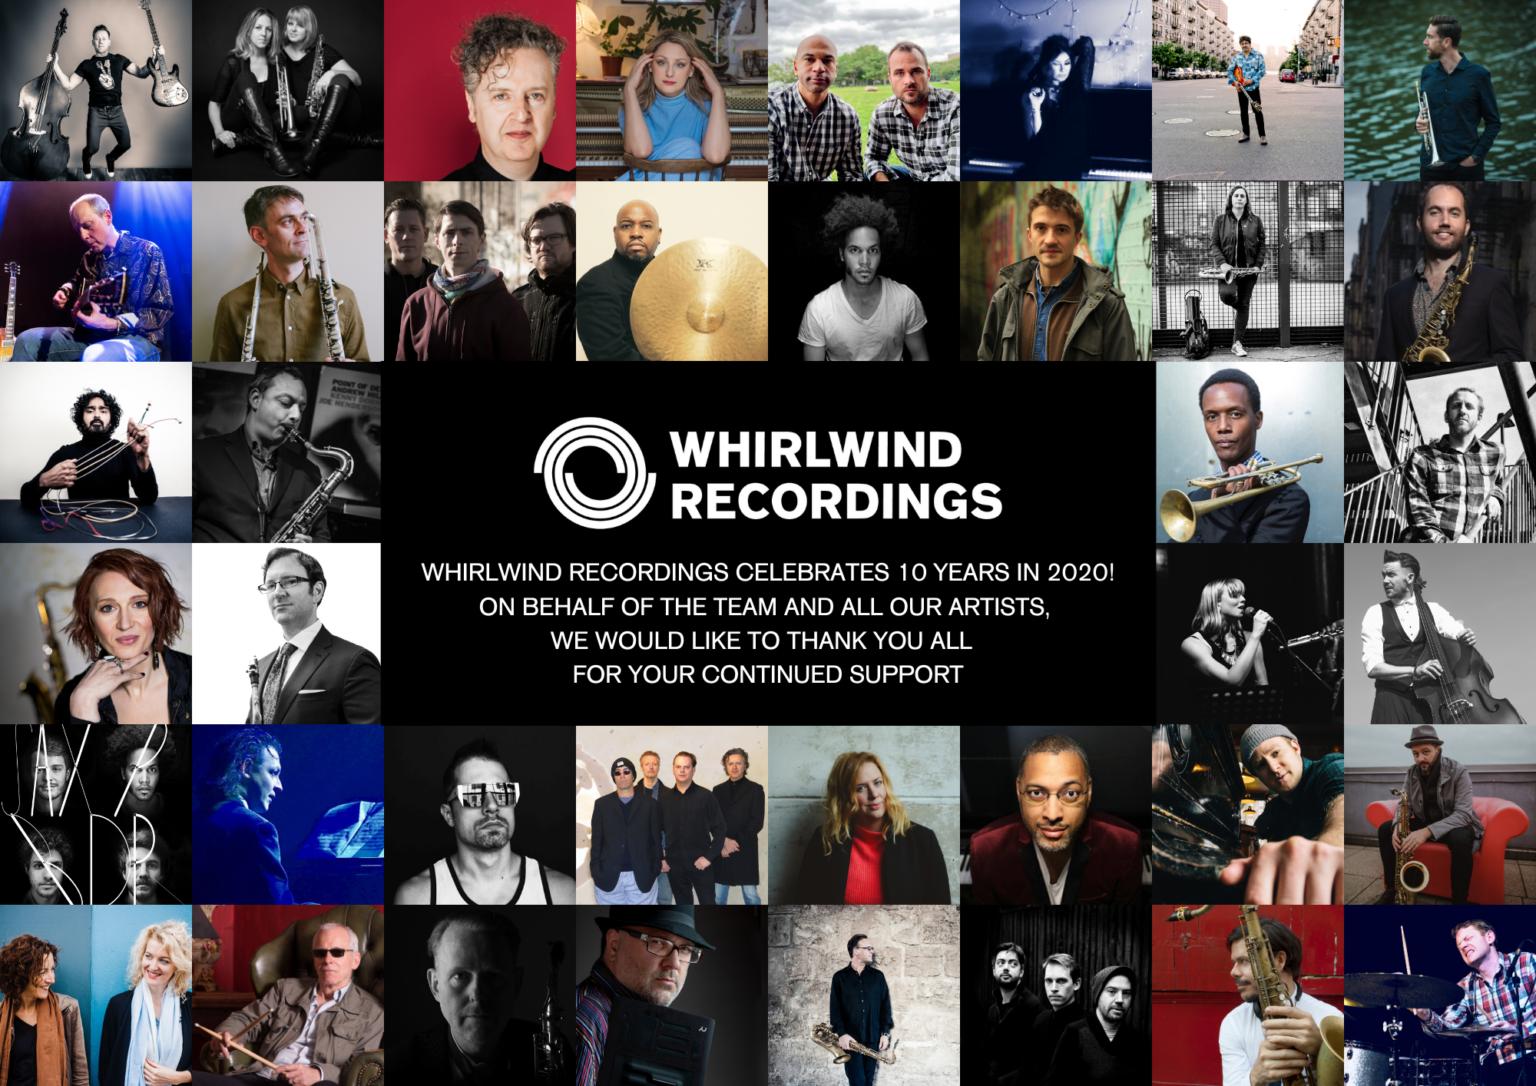 Whirlwind 10 Year Anniversary